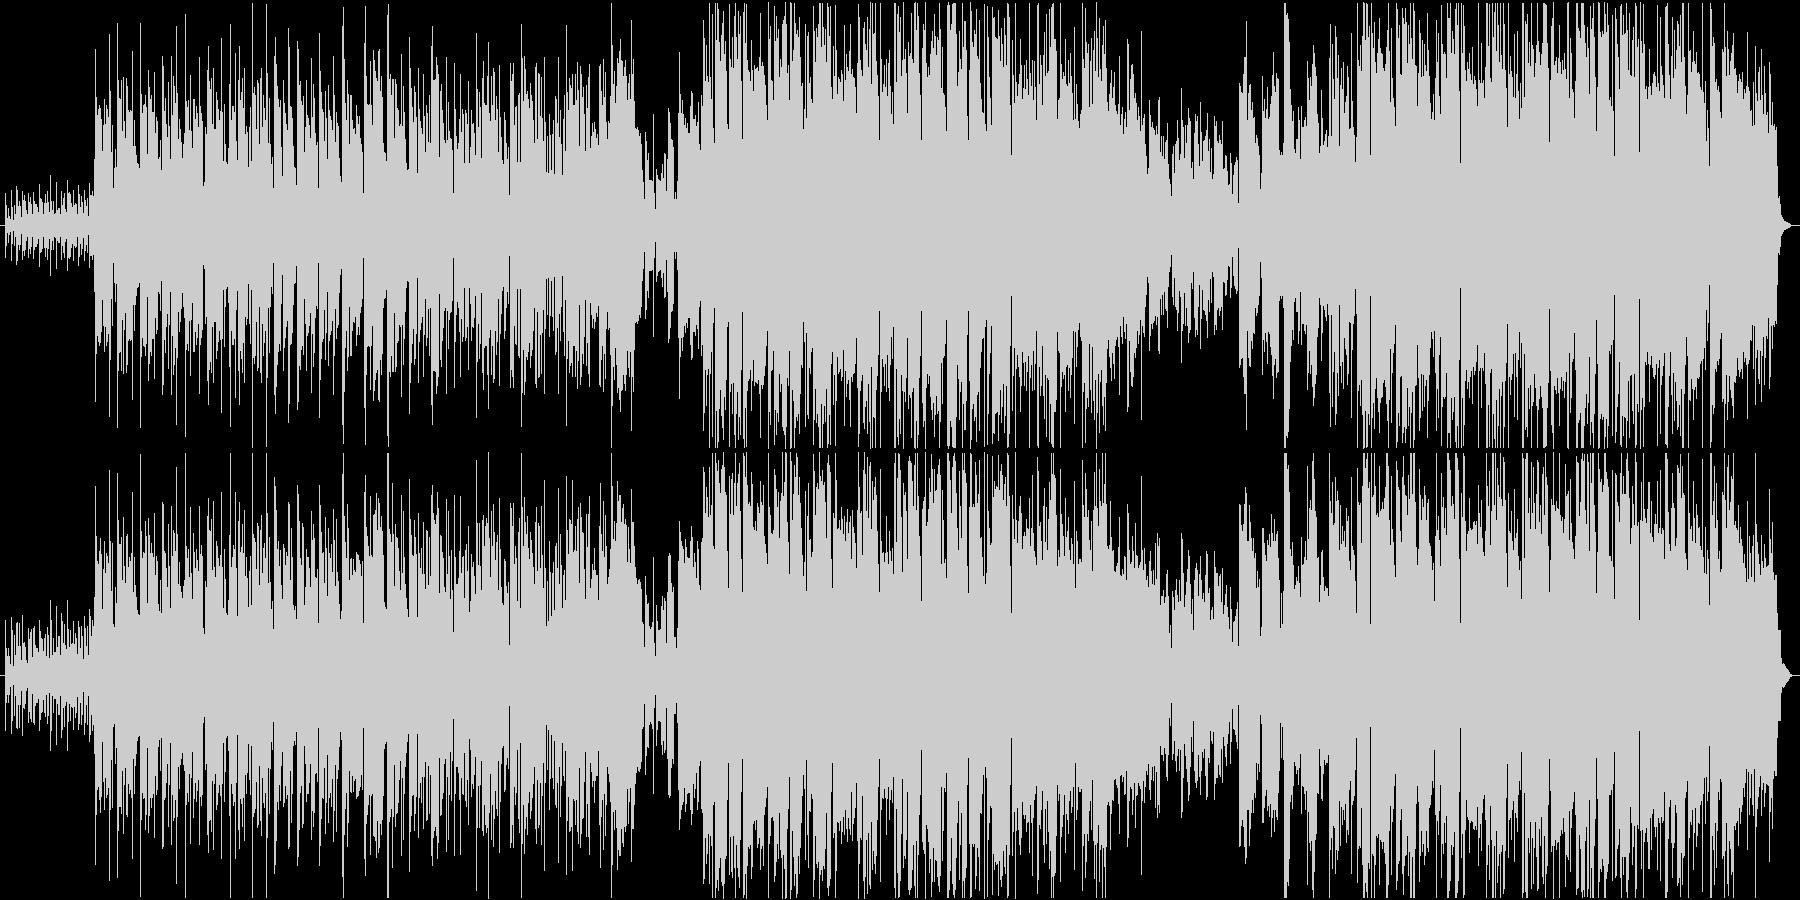 ピースフルな雰囲気のミディアムポップスの未再生の波形